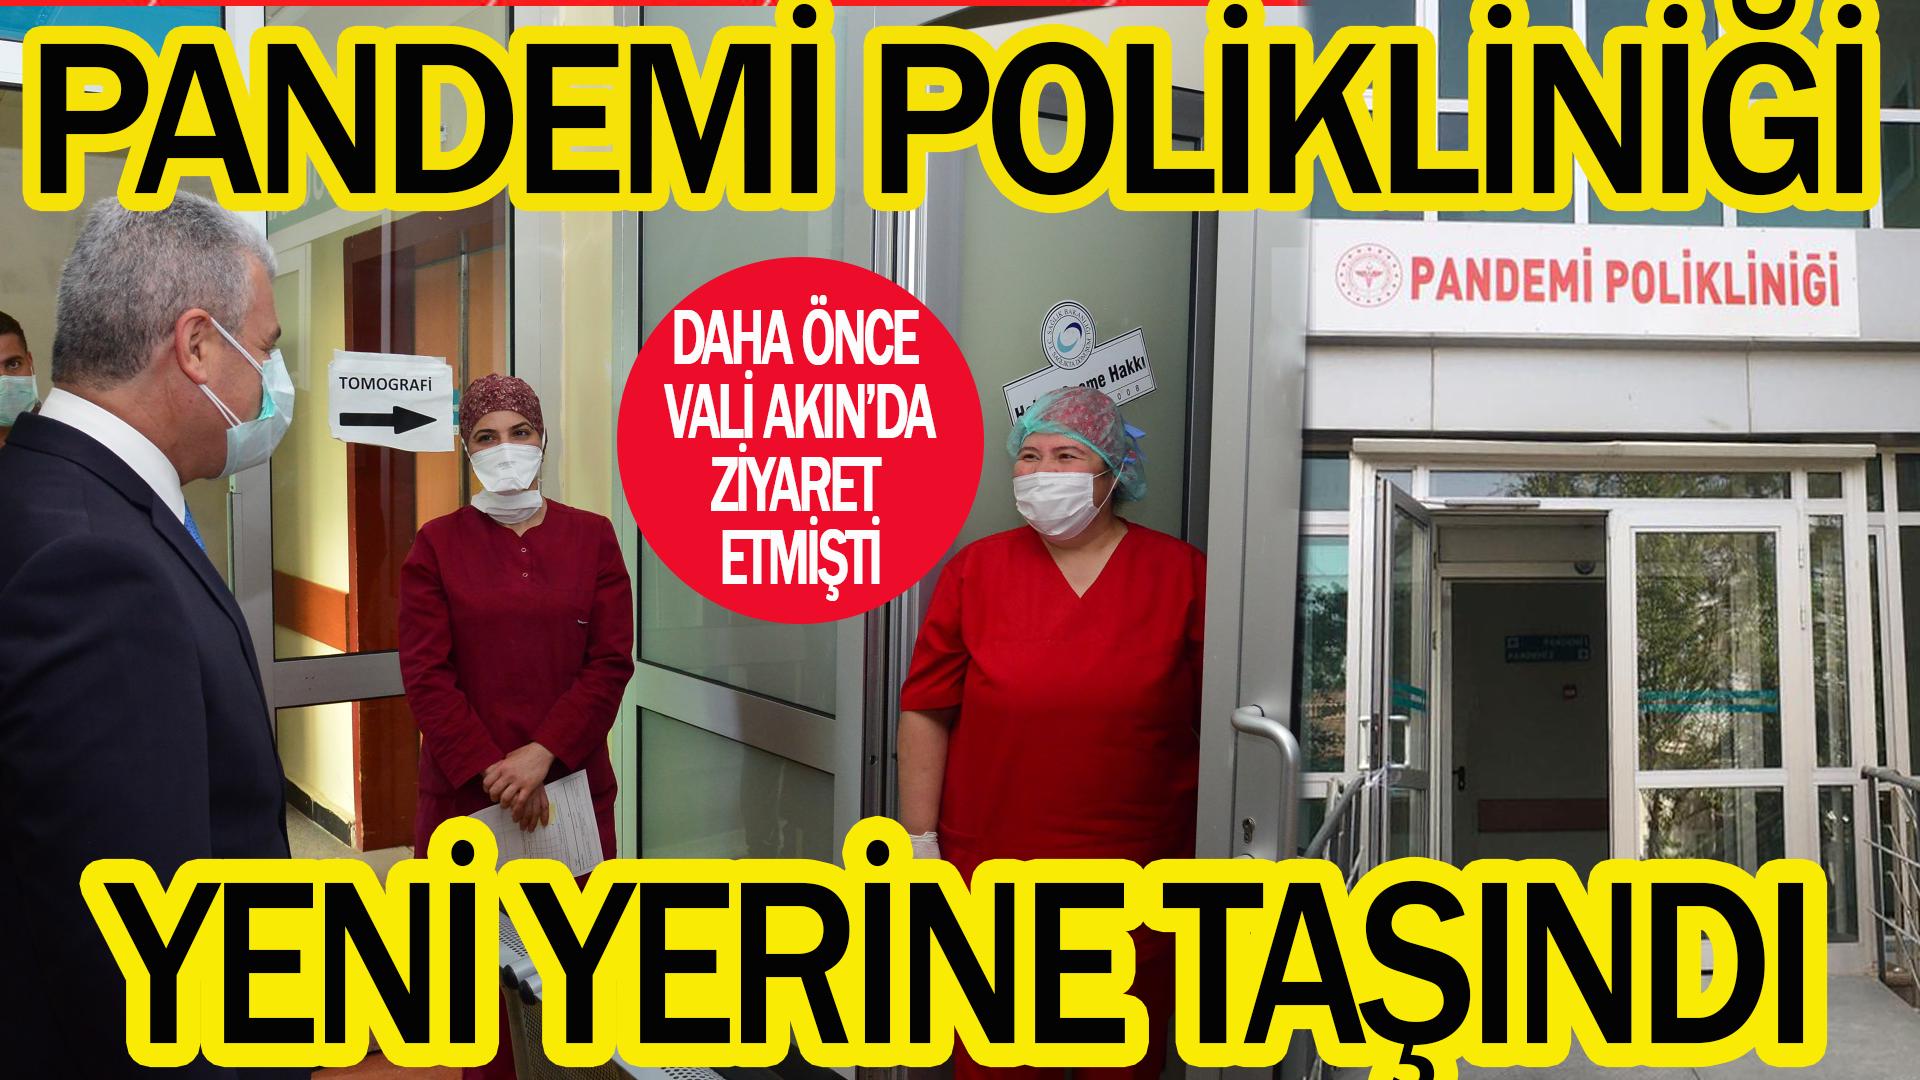 Pandemi Polikliniği yeni yerine taşındı